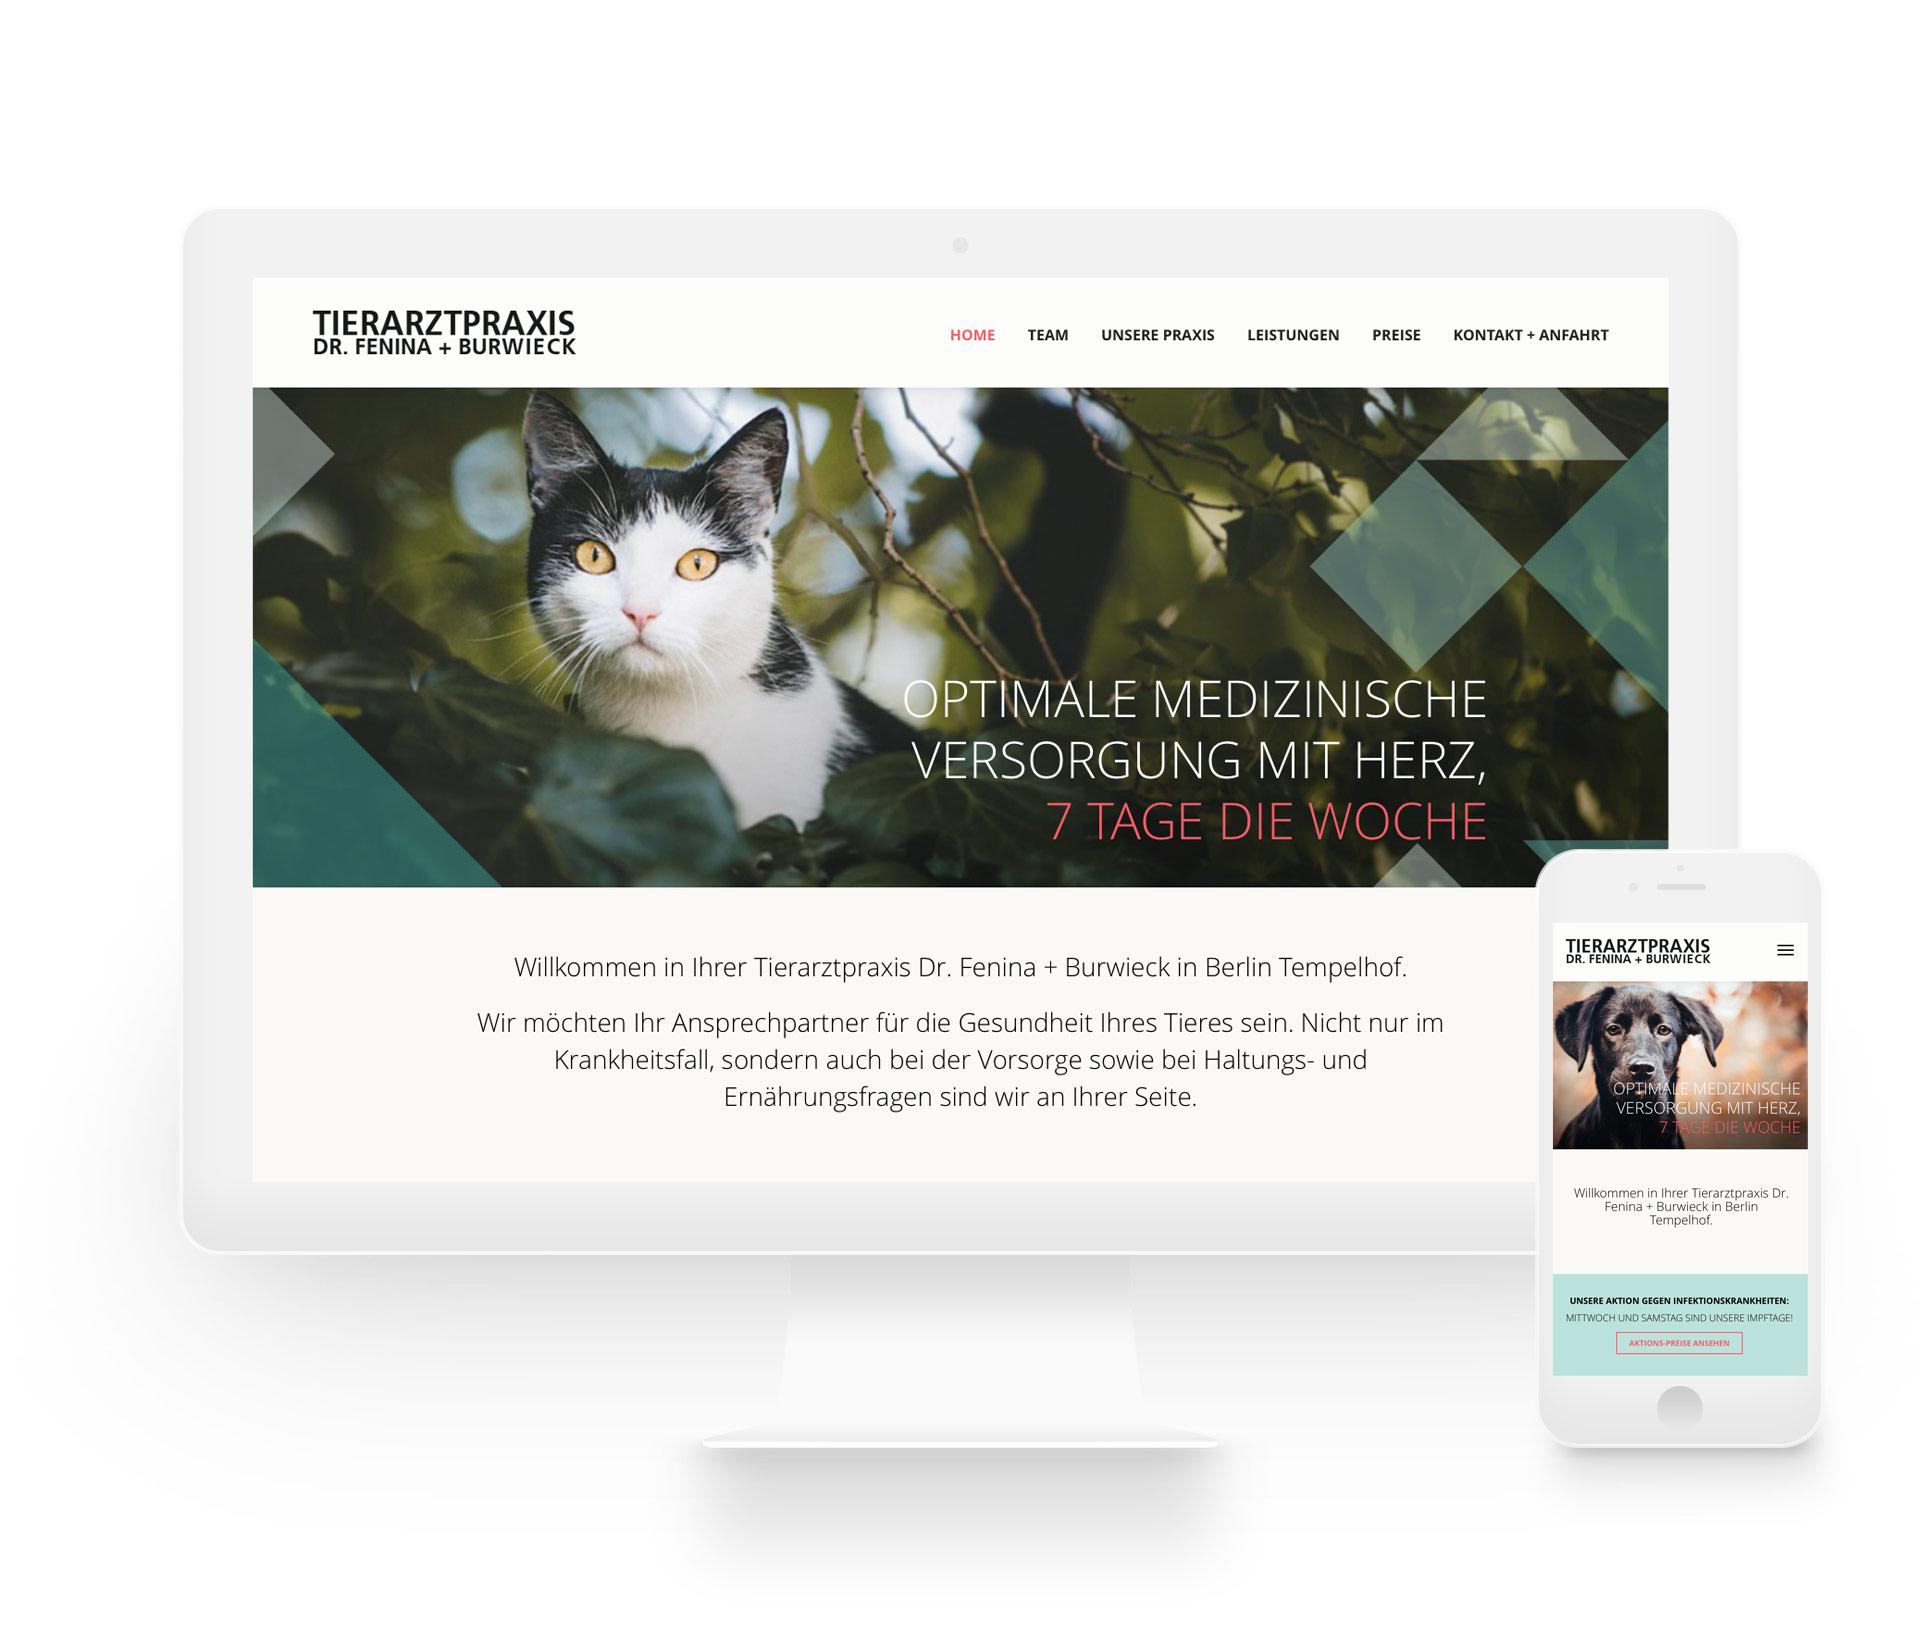 blokstudio_Tierarztpraxis_Dr_Fenina_Burwiek_responsive_Website